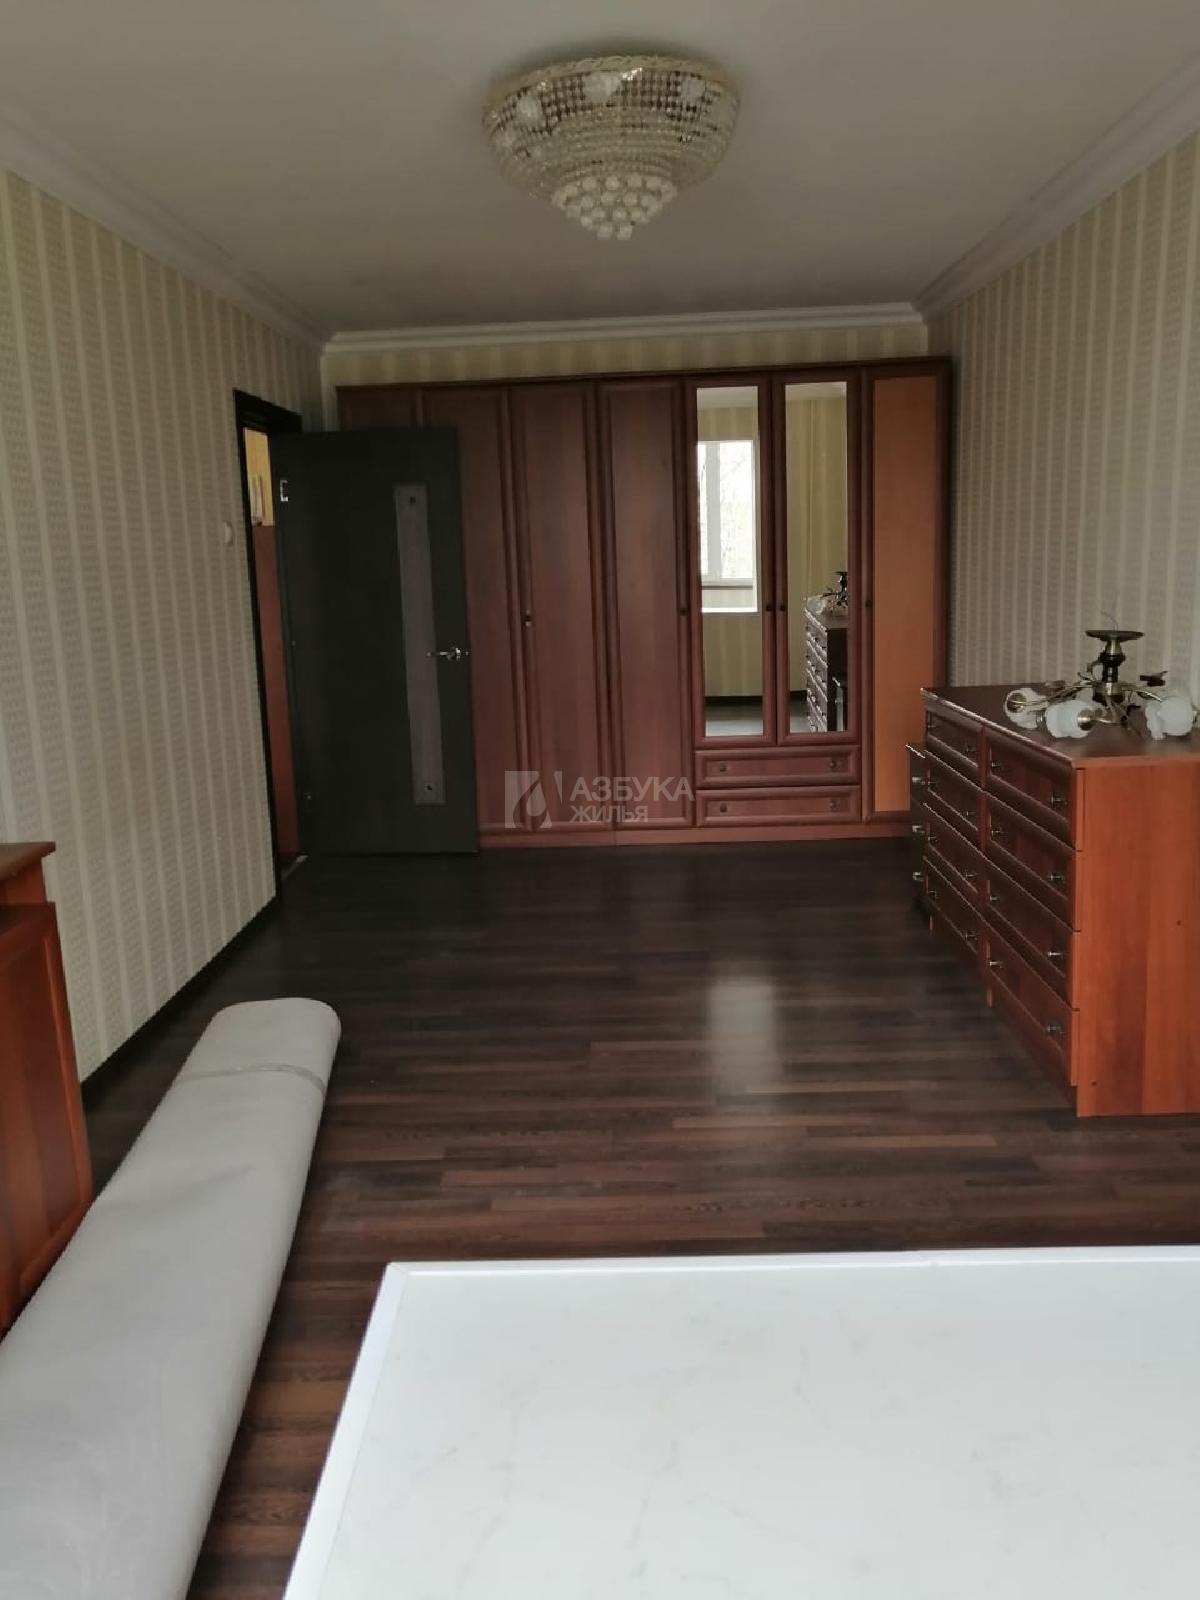 Фото №16 - 1-комнатная квартира, Балашиха, микрорайон Саввино, 1 Мая улица 11